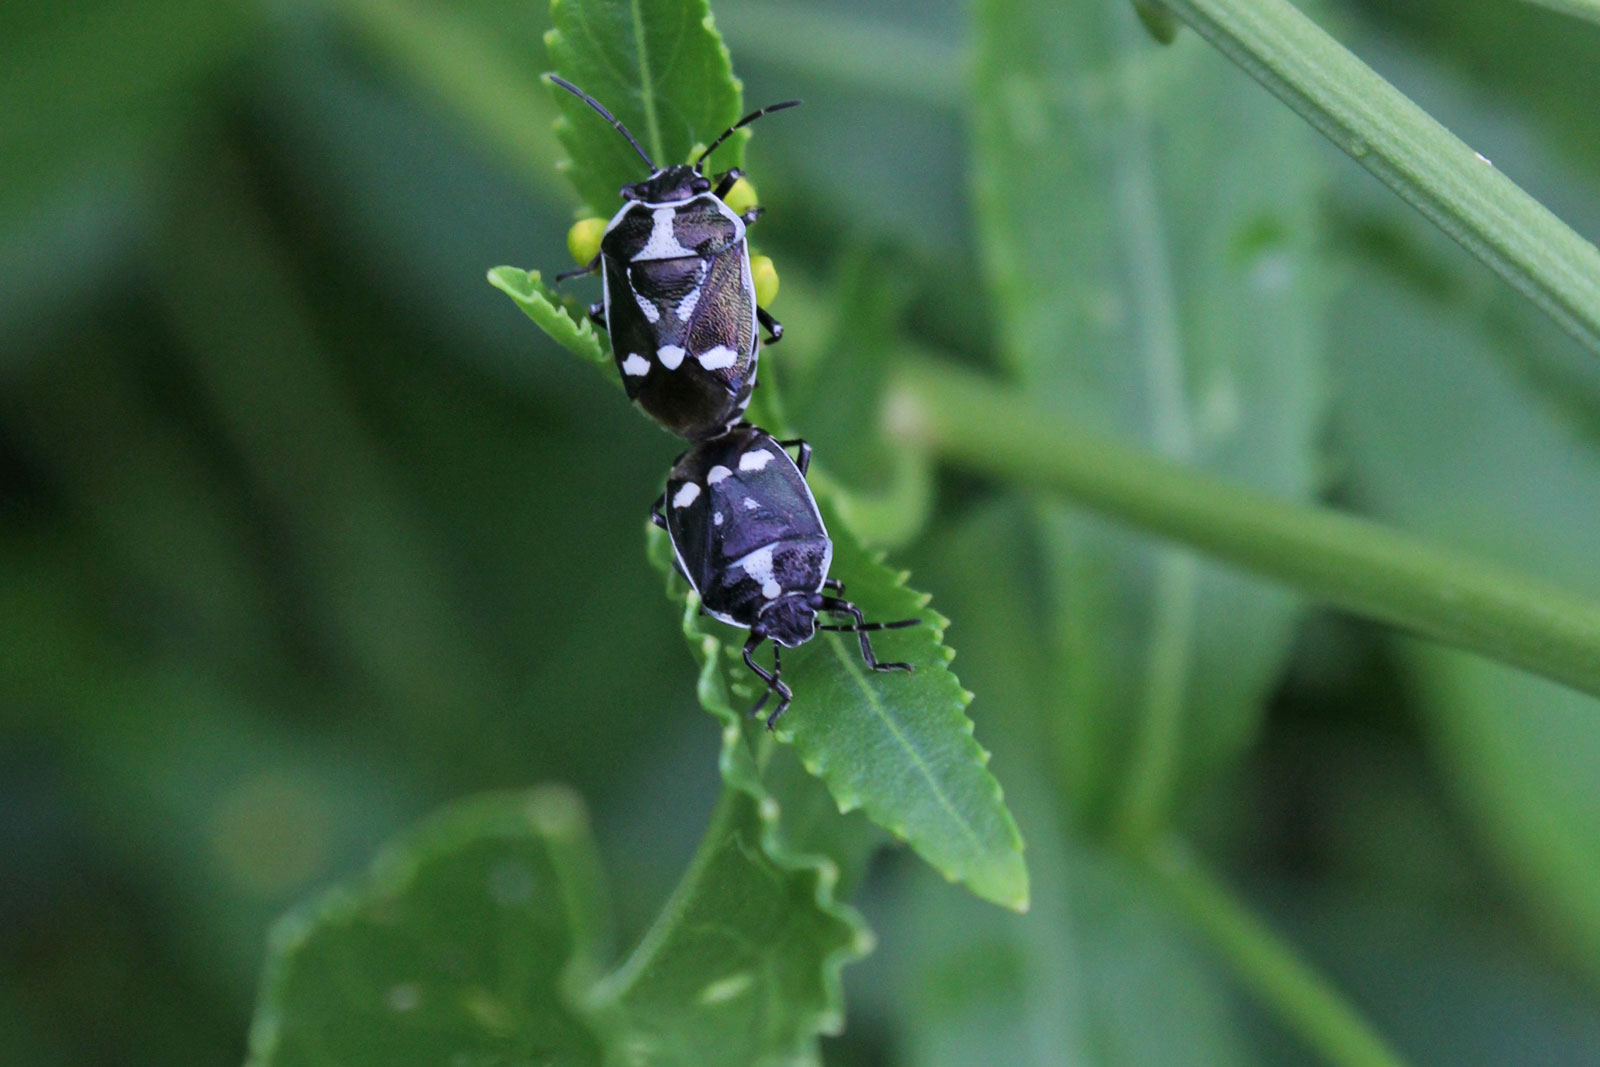 Tritomegas sexmaculatus